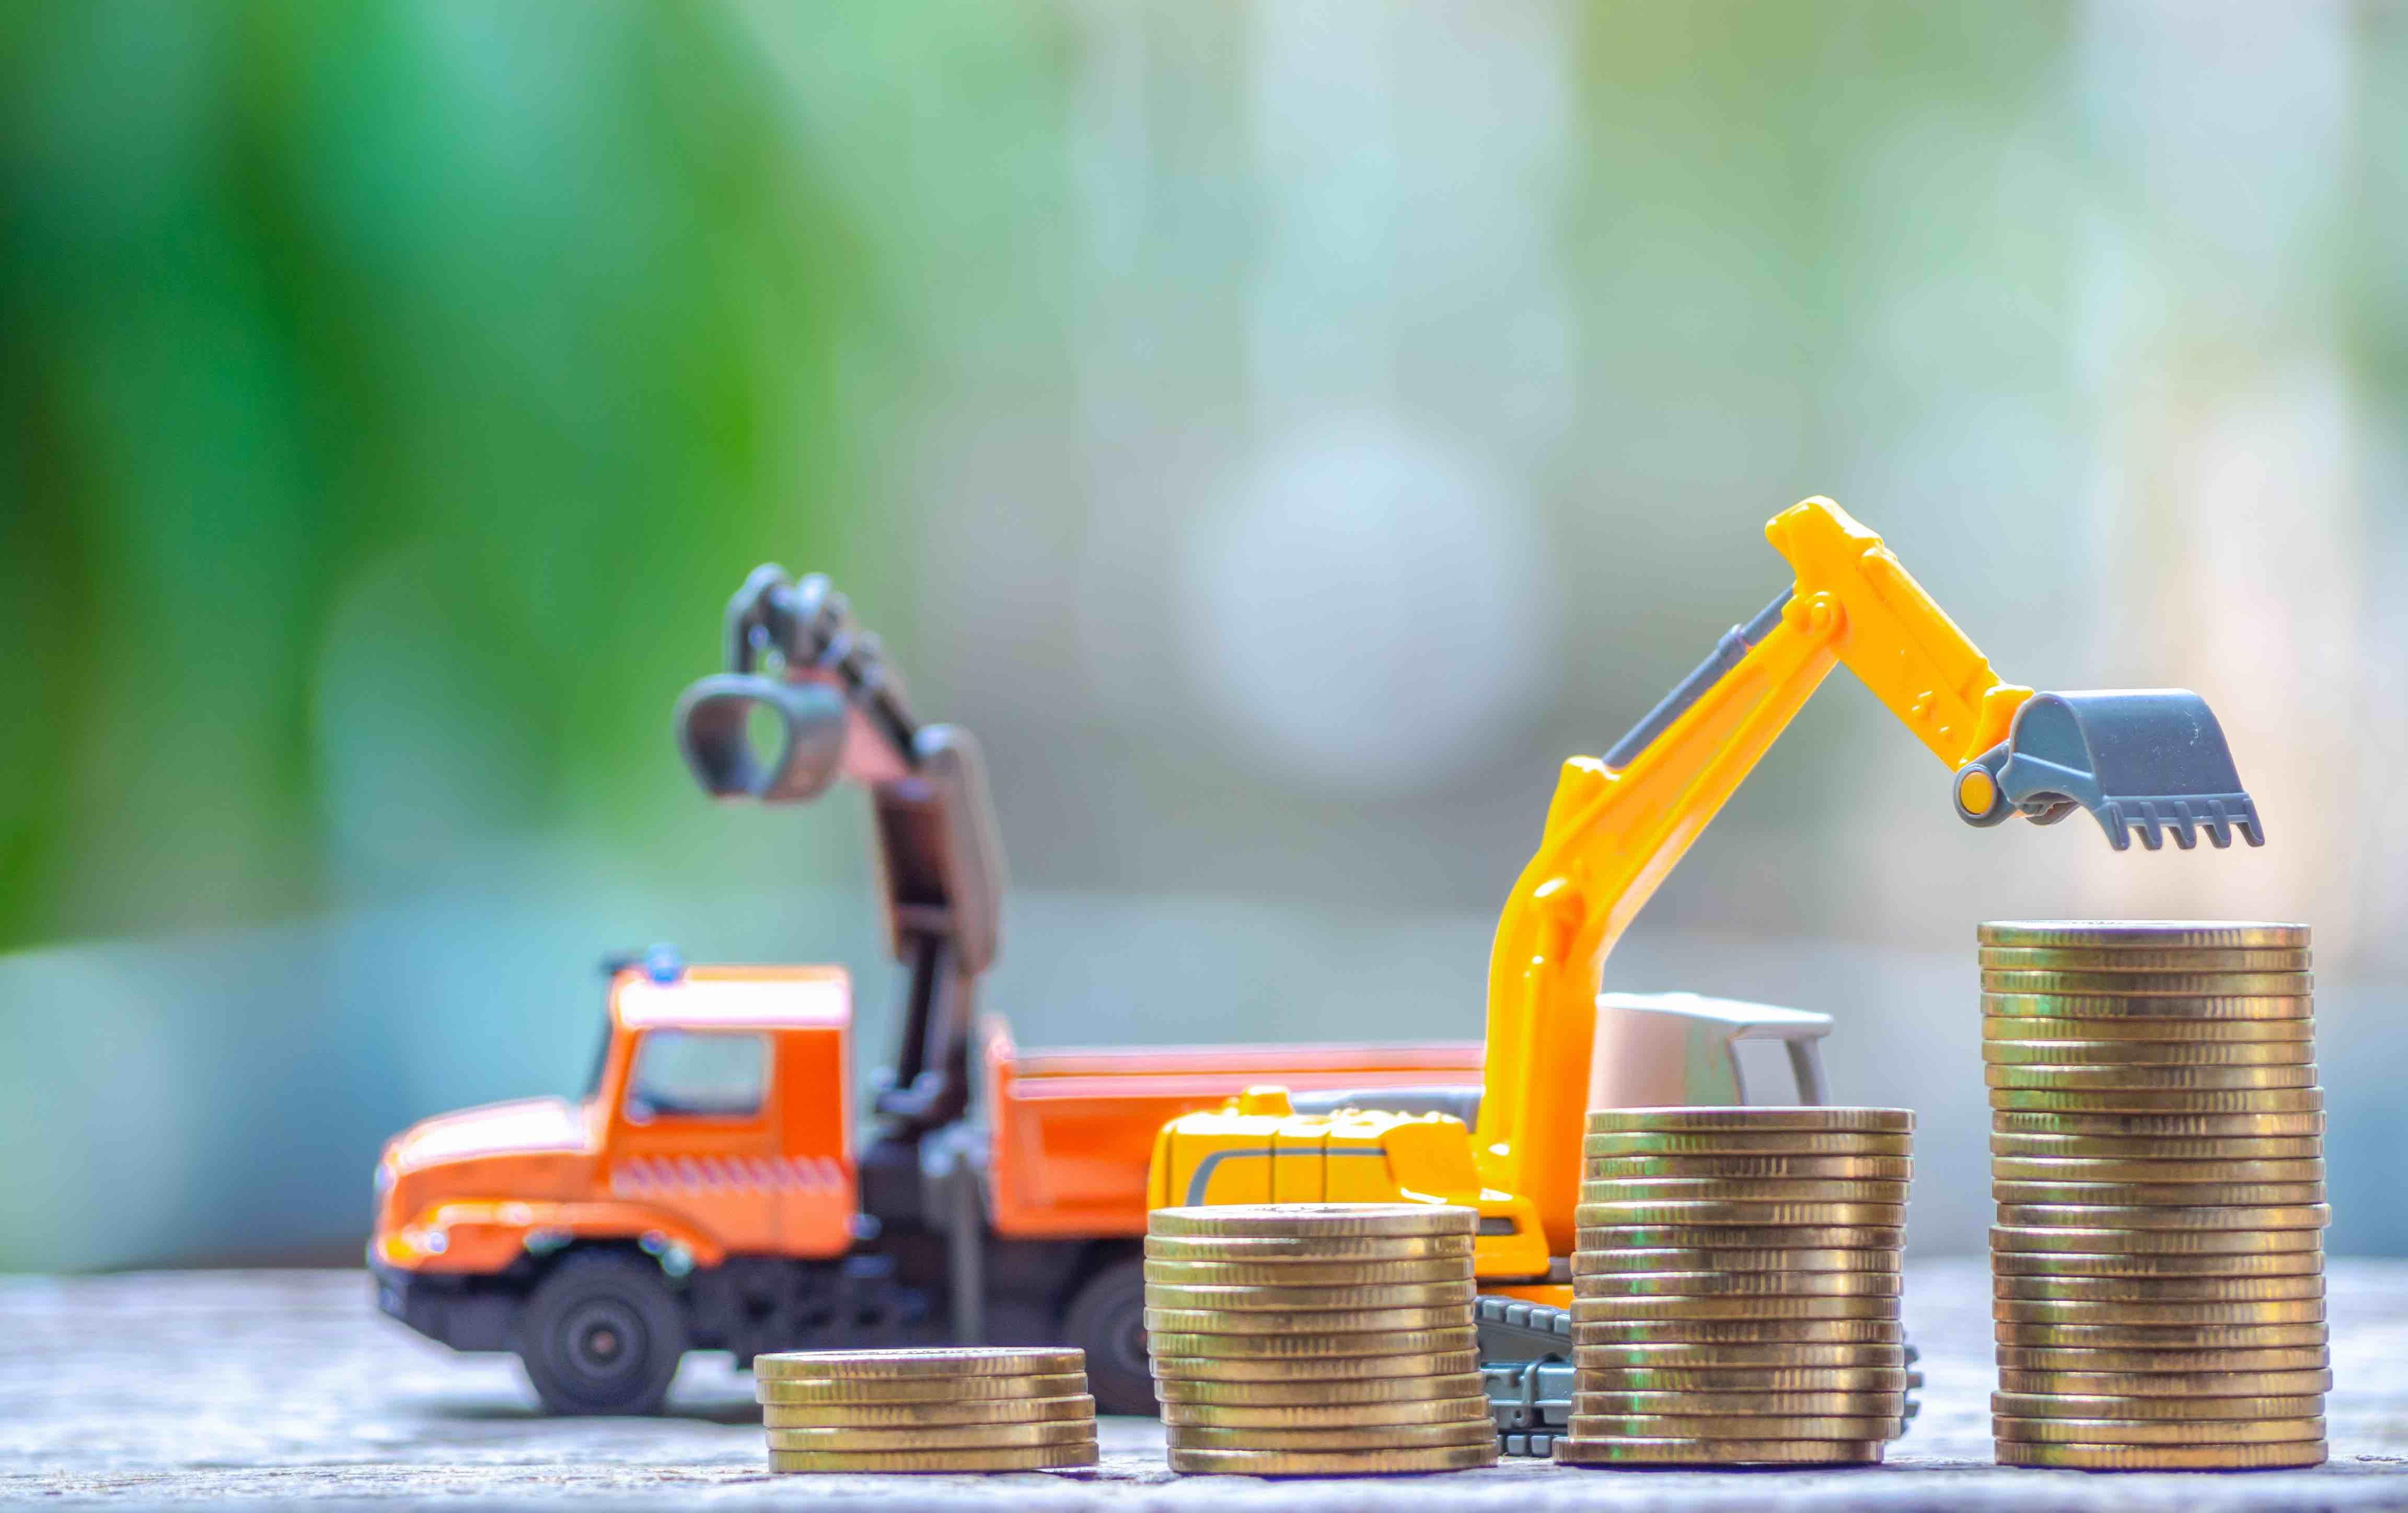 Baumaschinen mieten, kaufen oder leasen?